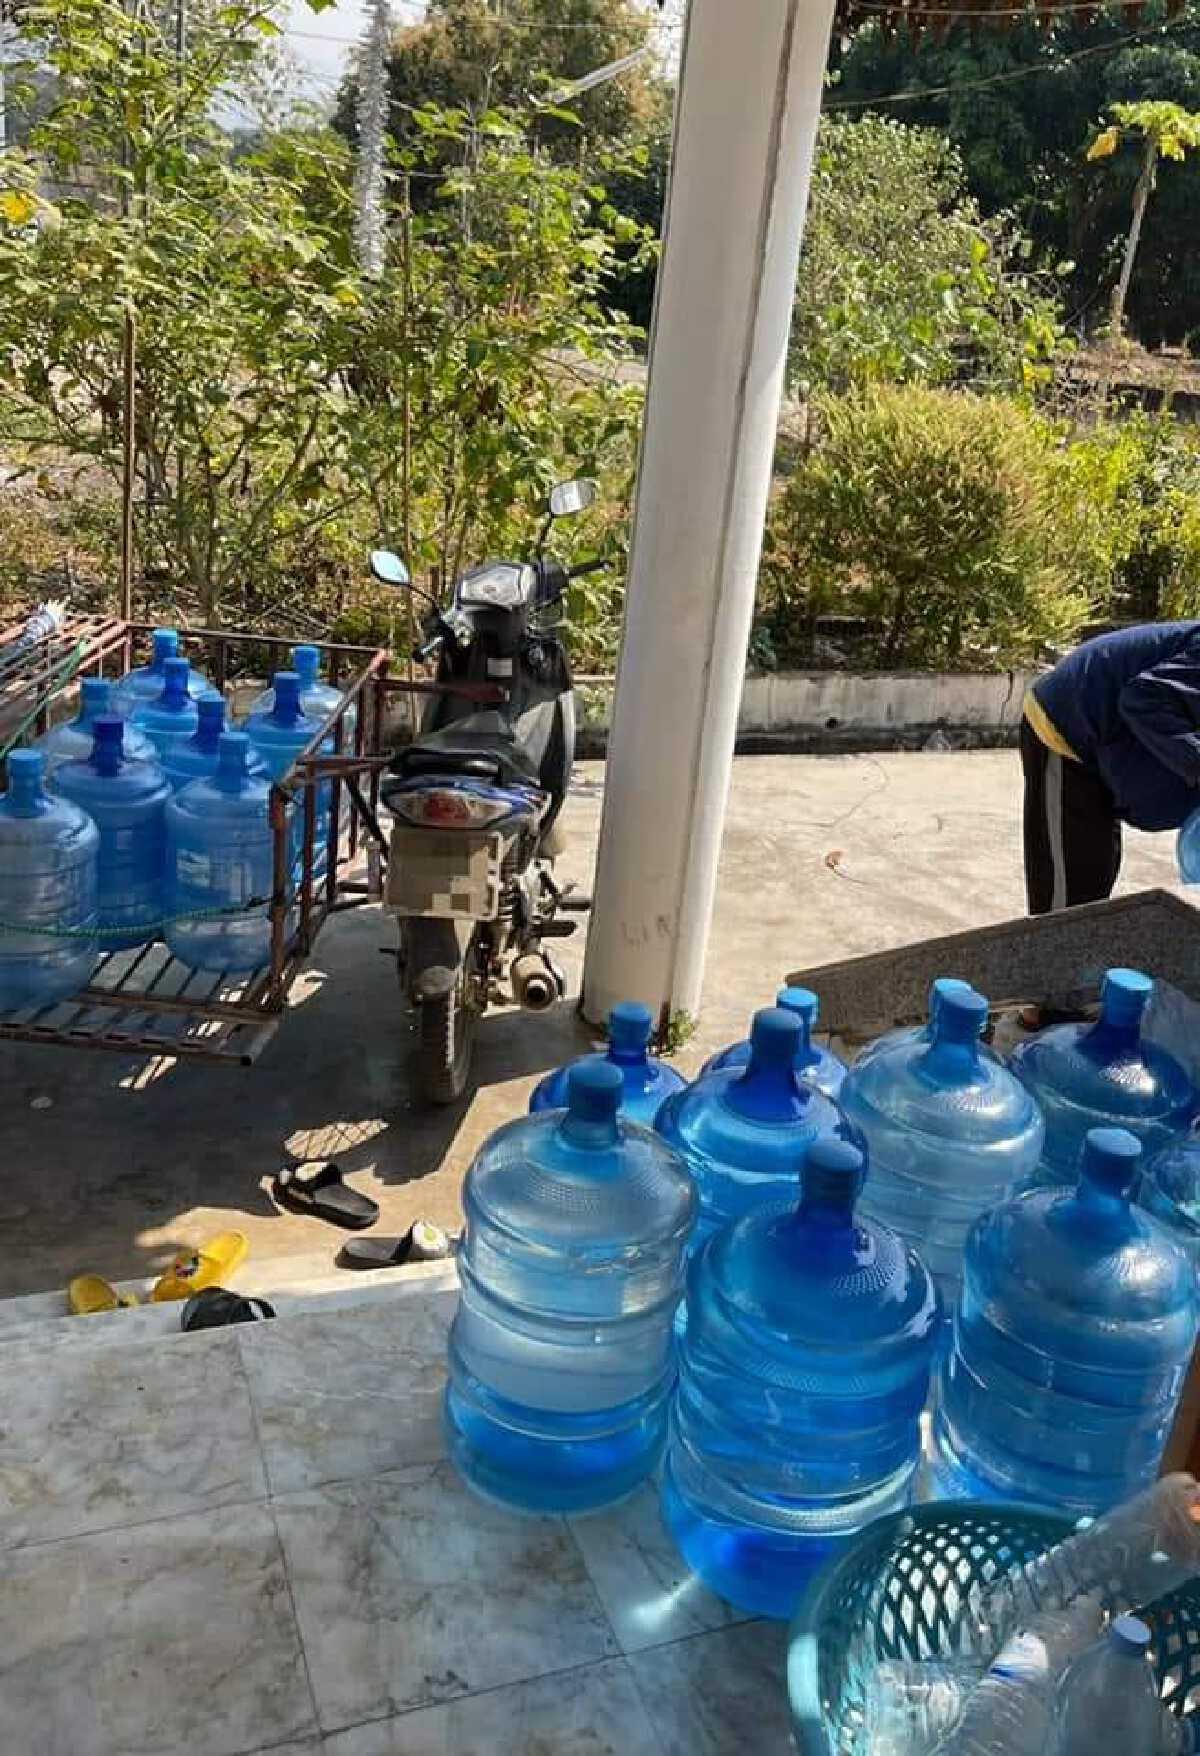 ชาวบ้านทนทุกข์ไม่มีน้ำใช้ โทรเเจ้งได้คำตอบบ้านอยู่ไกลไม่รู้จะช่วยยังไง